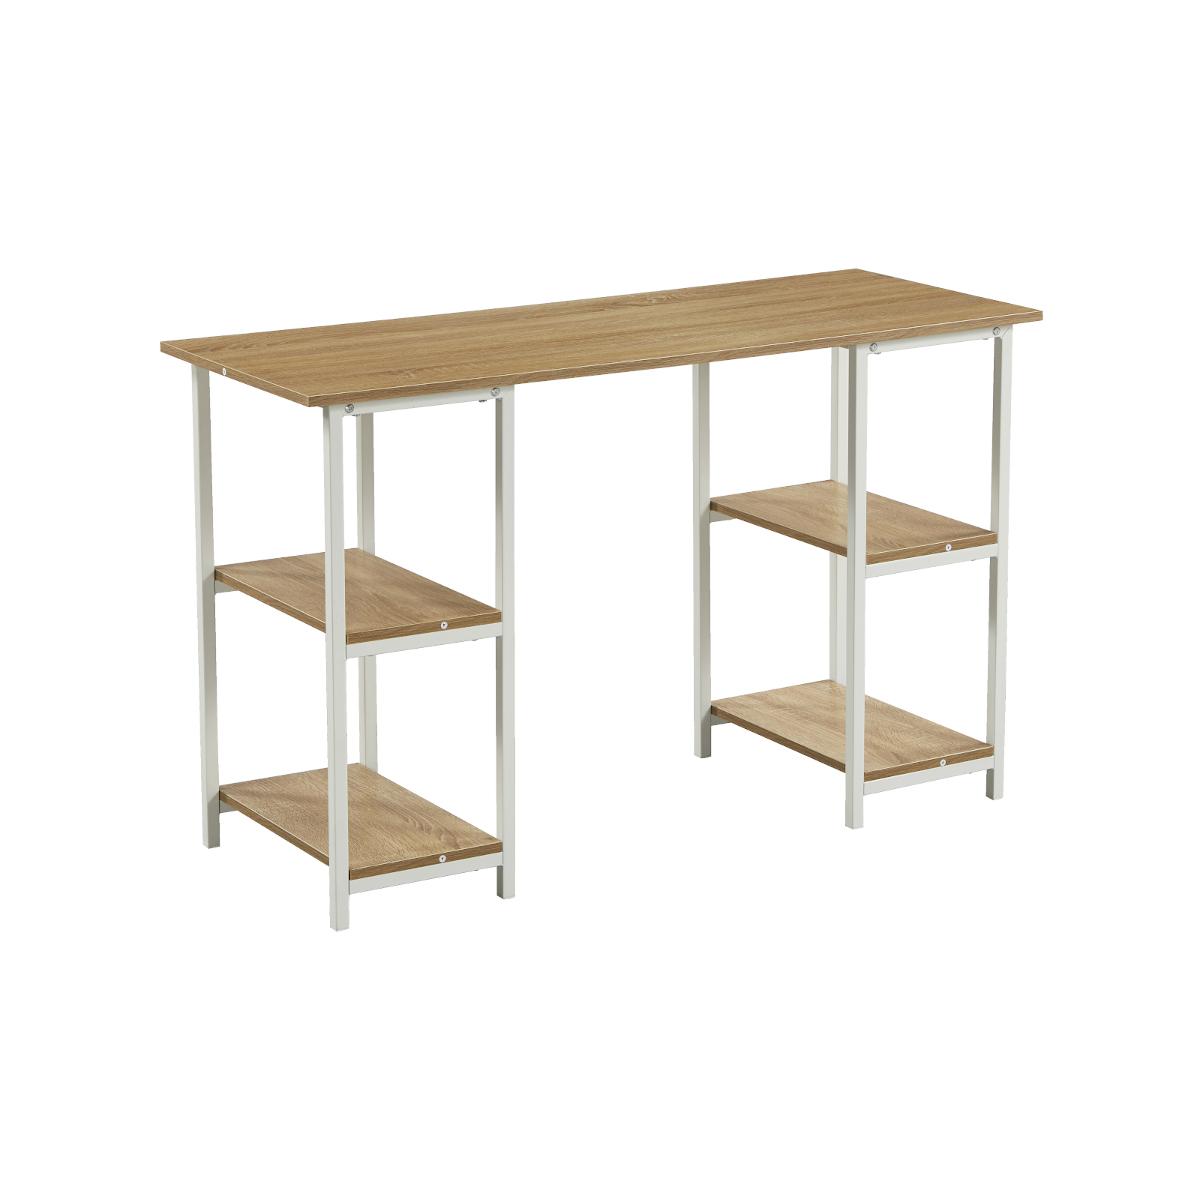 91155 SVITA Studio Schreibtisch Regal Eiche-Optik weiße Metall-Beine